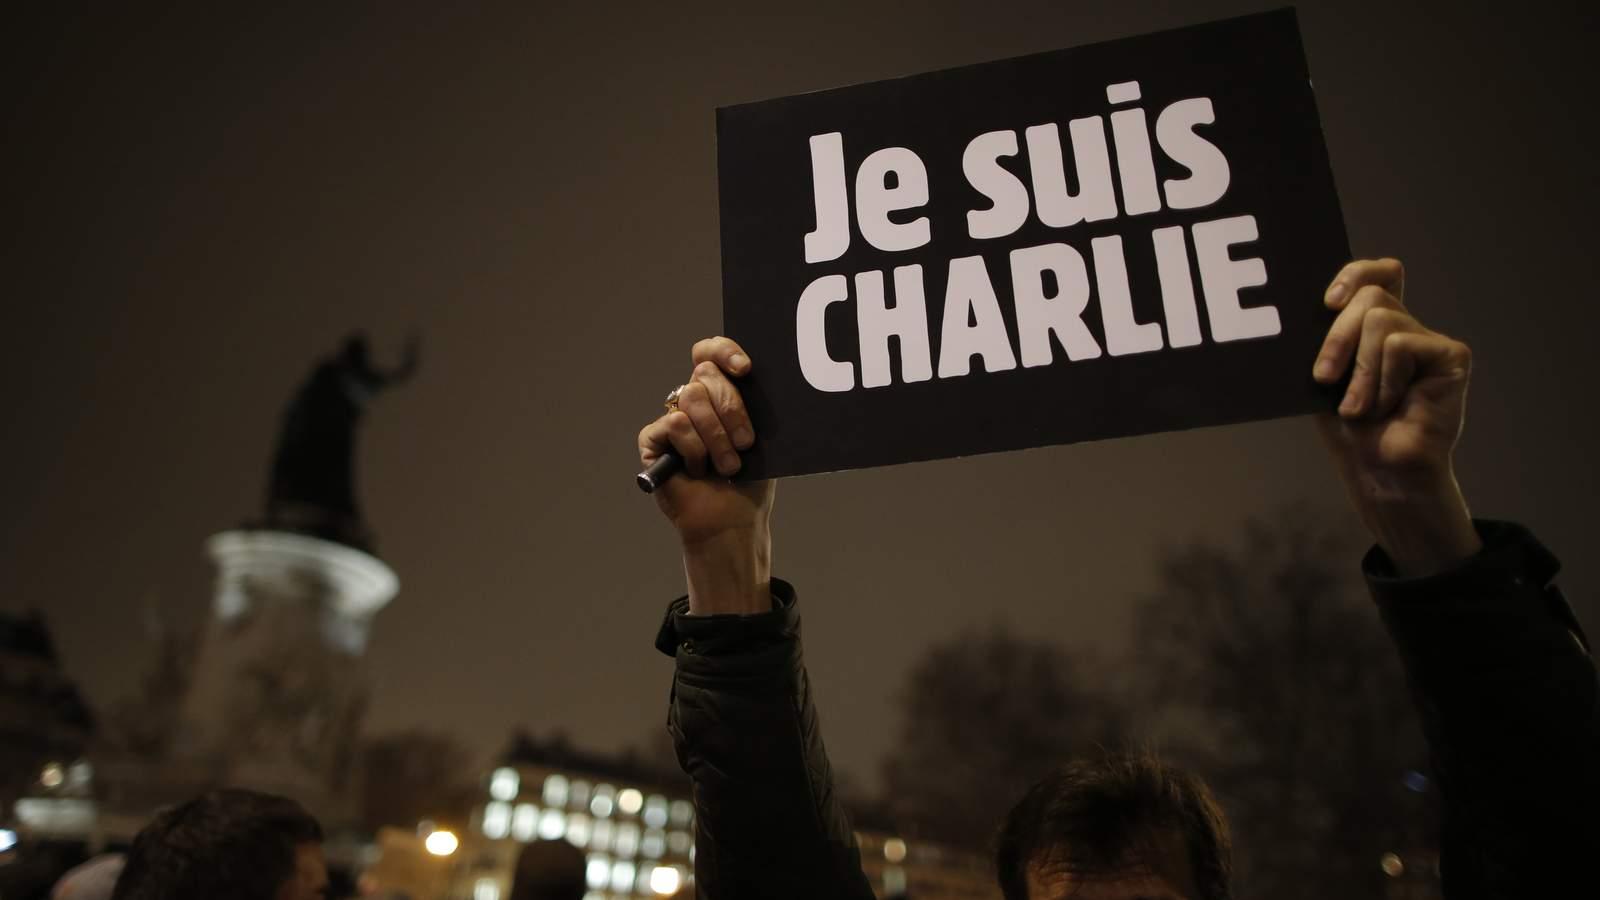 Charlie Hebdo выйдет тиражом 3 млн экземпляров с пророком Мухаммедом на обложке